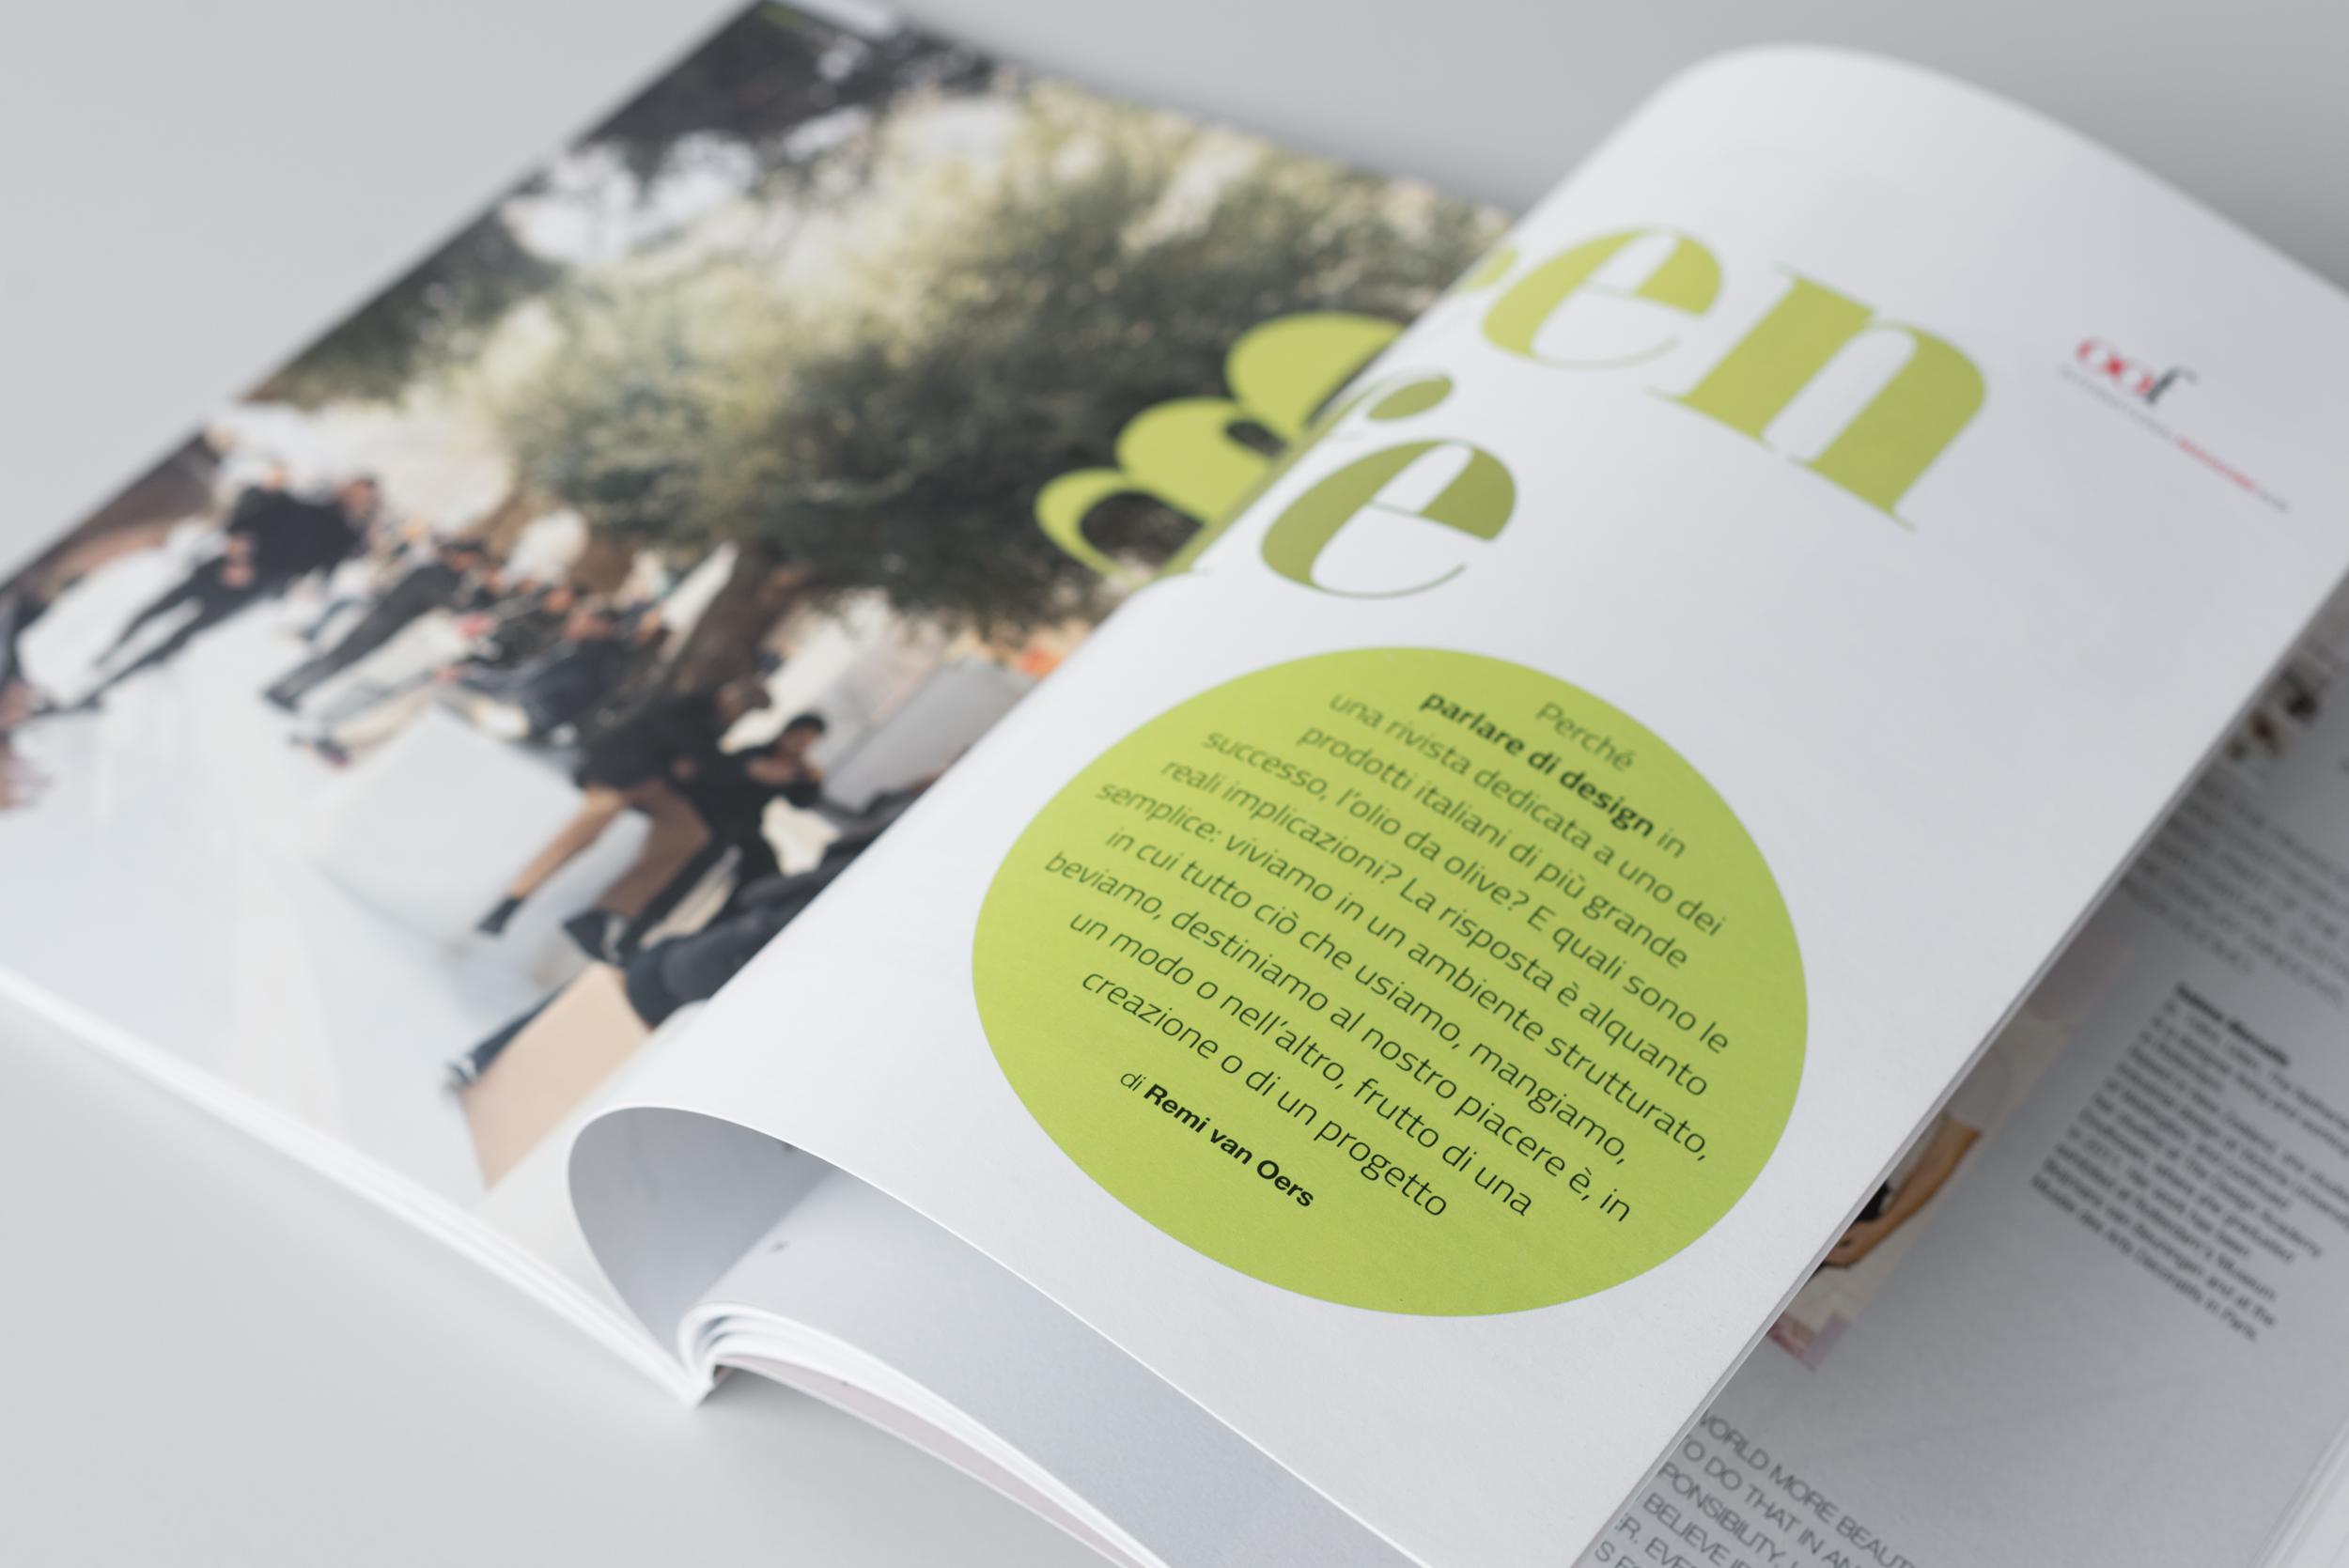 OLIOOFFICINA -OOF- Olio Officina magazine Remi van Oers 5.jpg